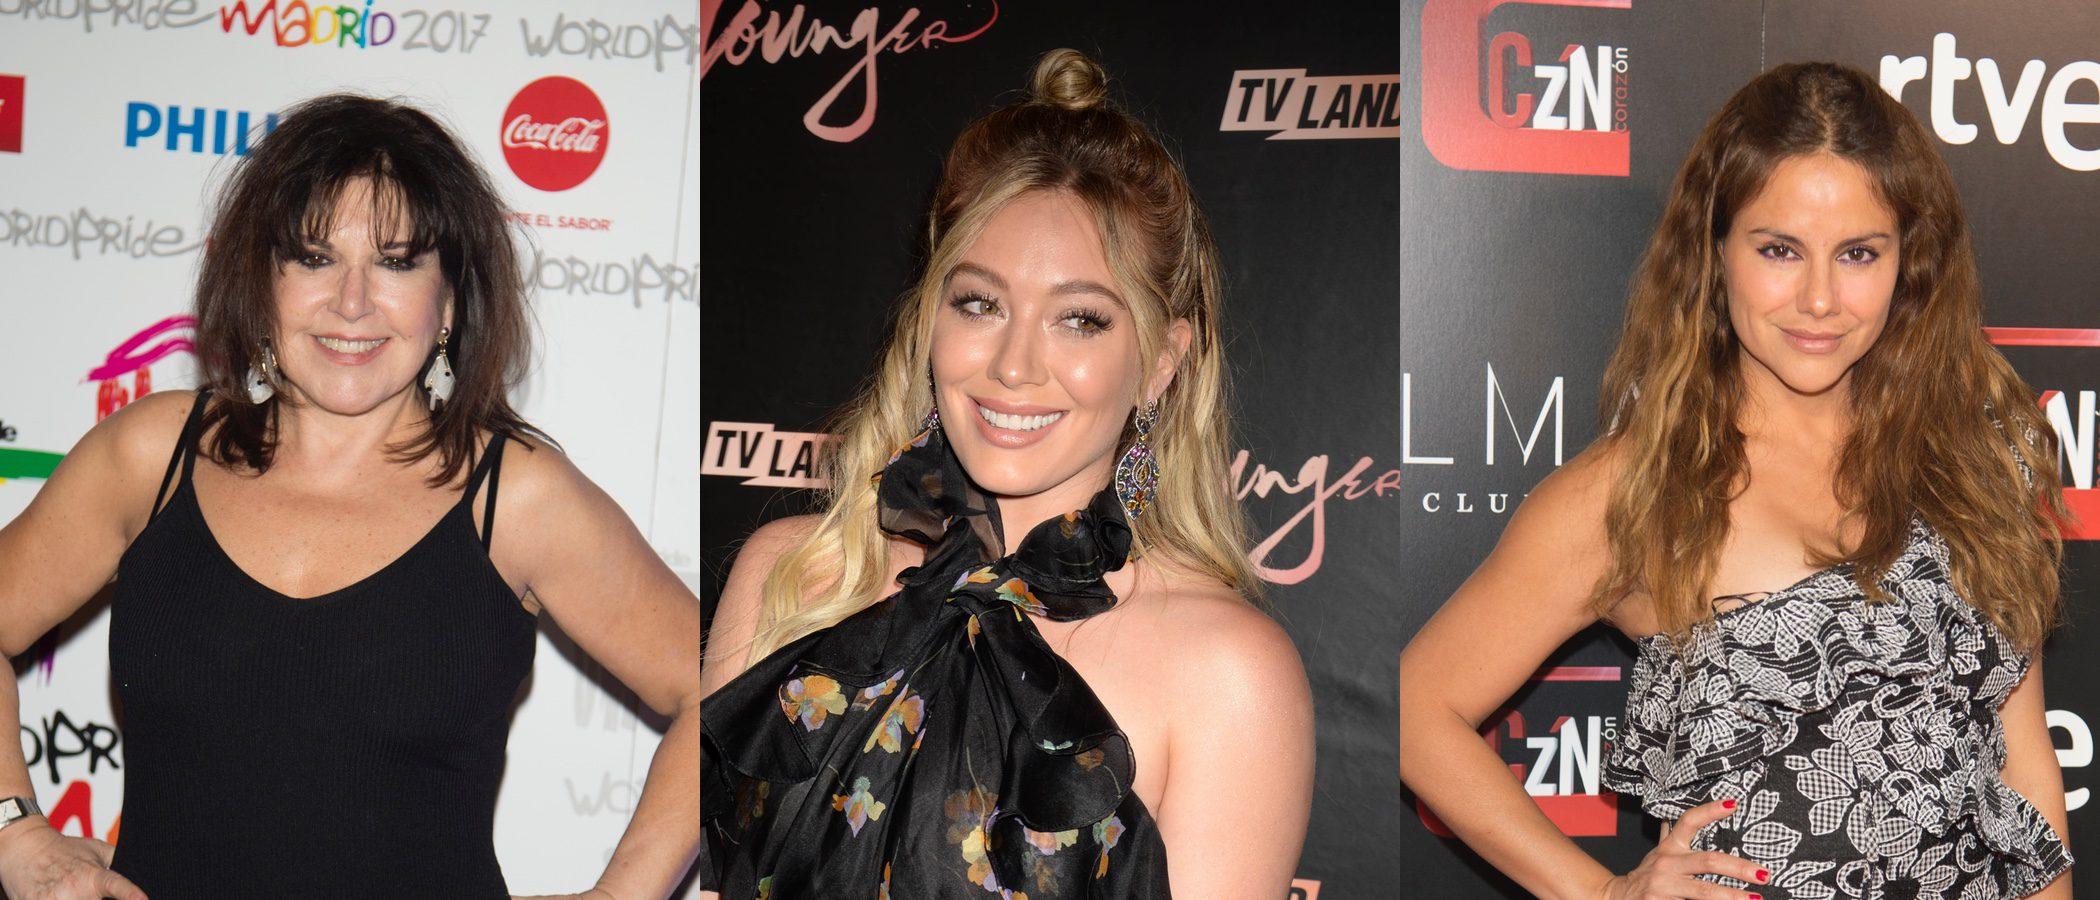 Loles León, Hilary Duff y Mónica Hoyos, entre las peores beauty looks de la semana